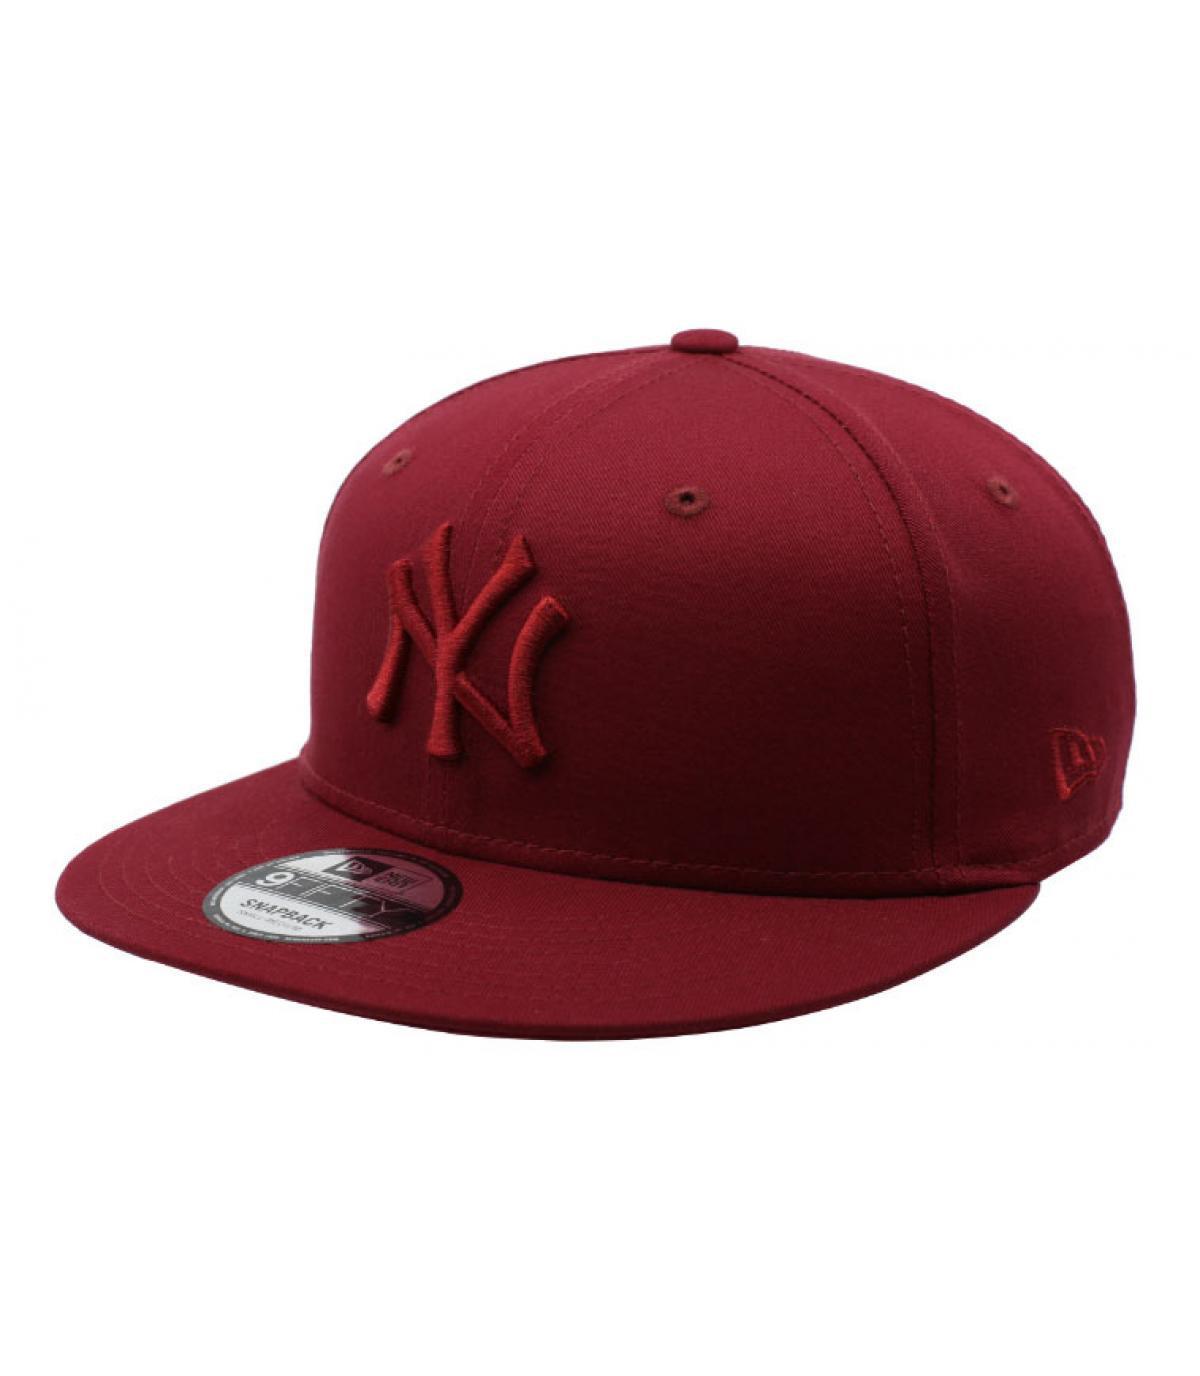 Détails Snapback League Ess 9Fifty NY cardinal - image 2